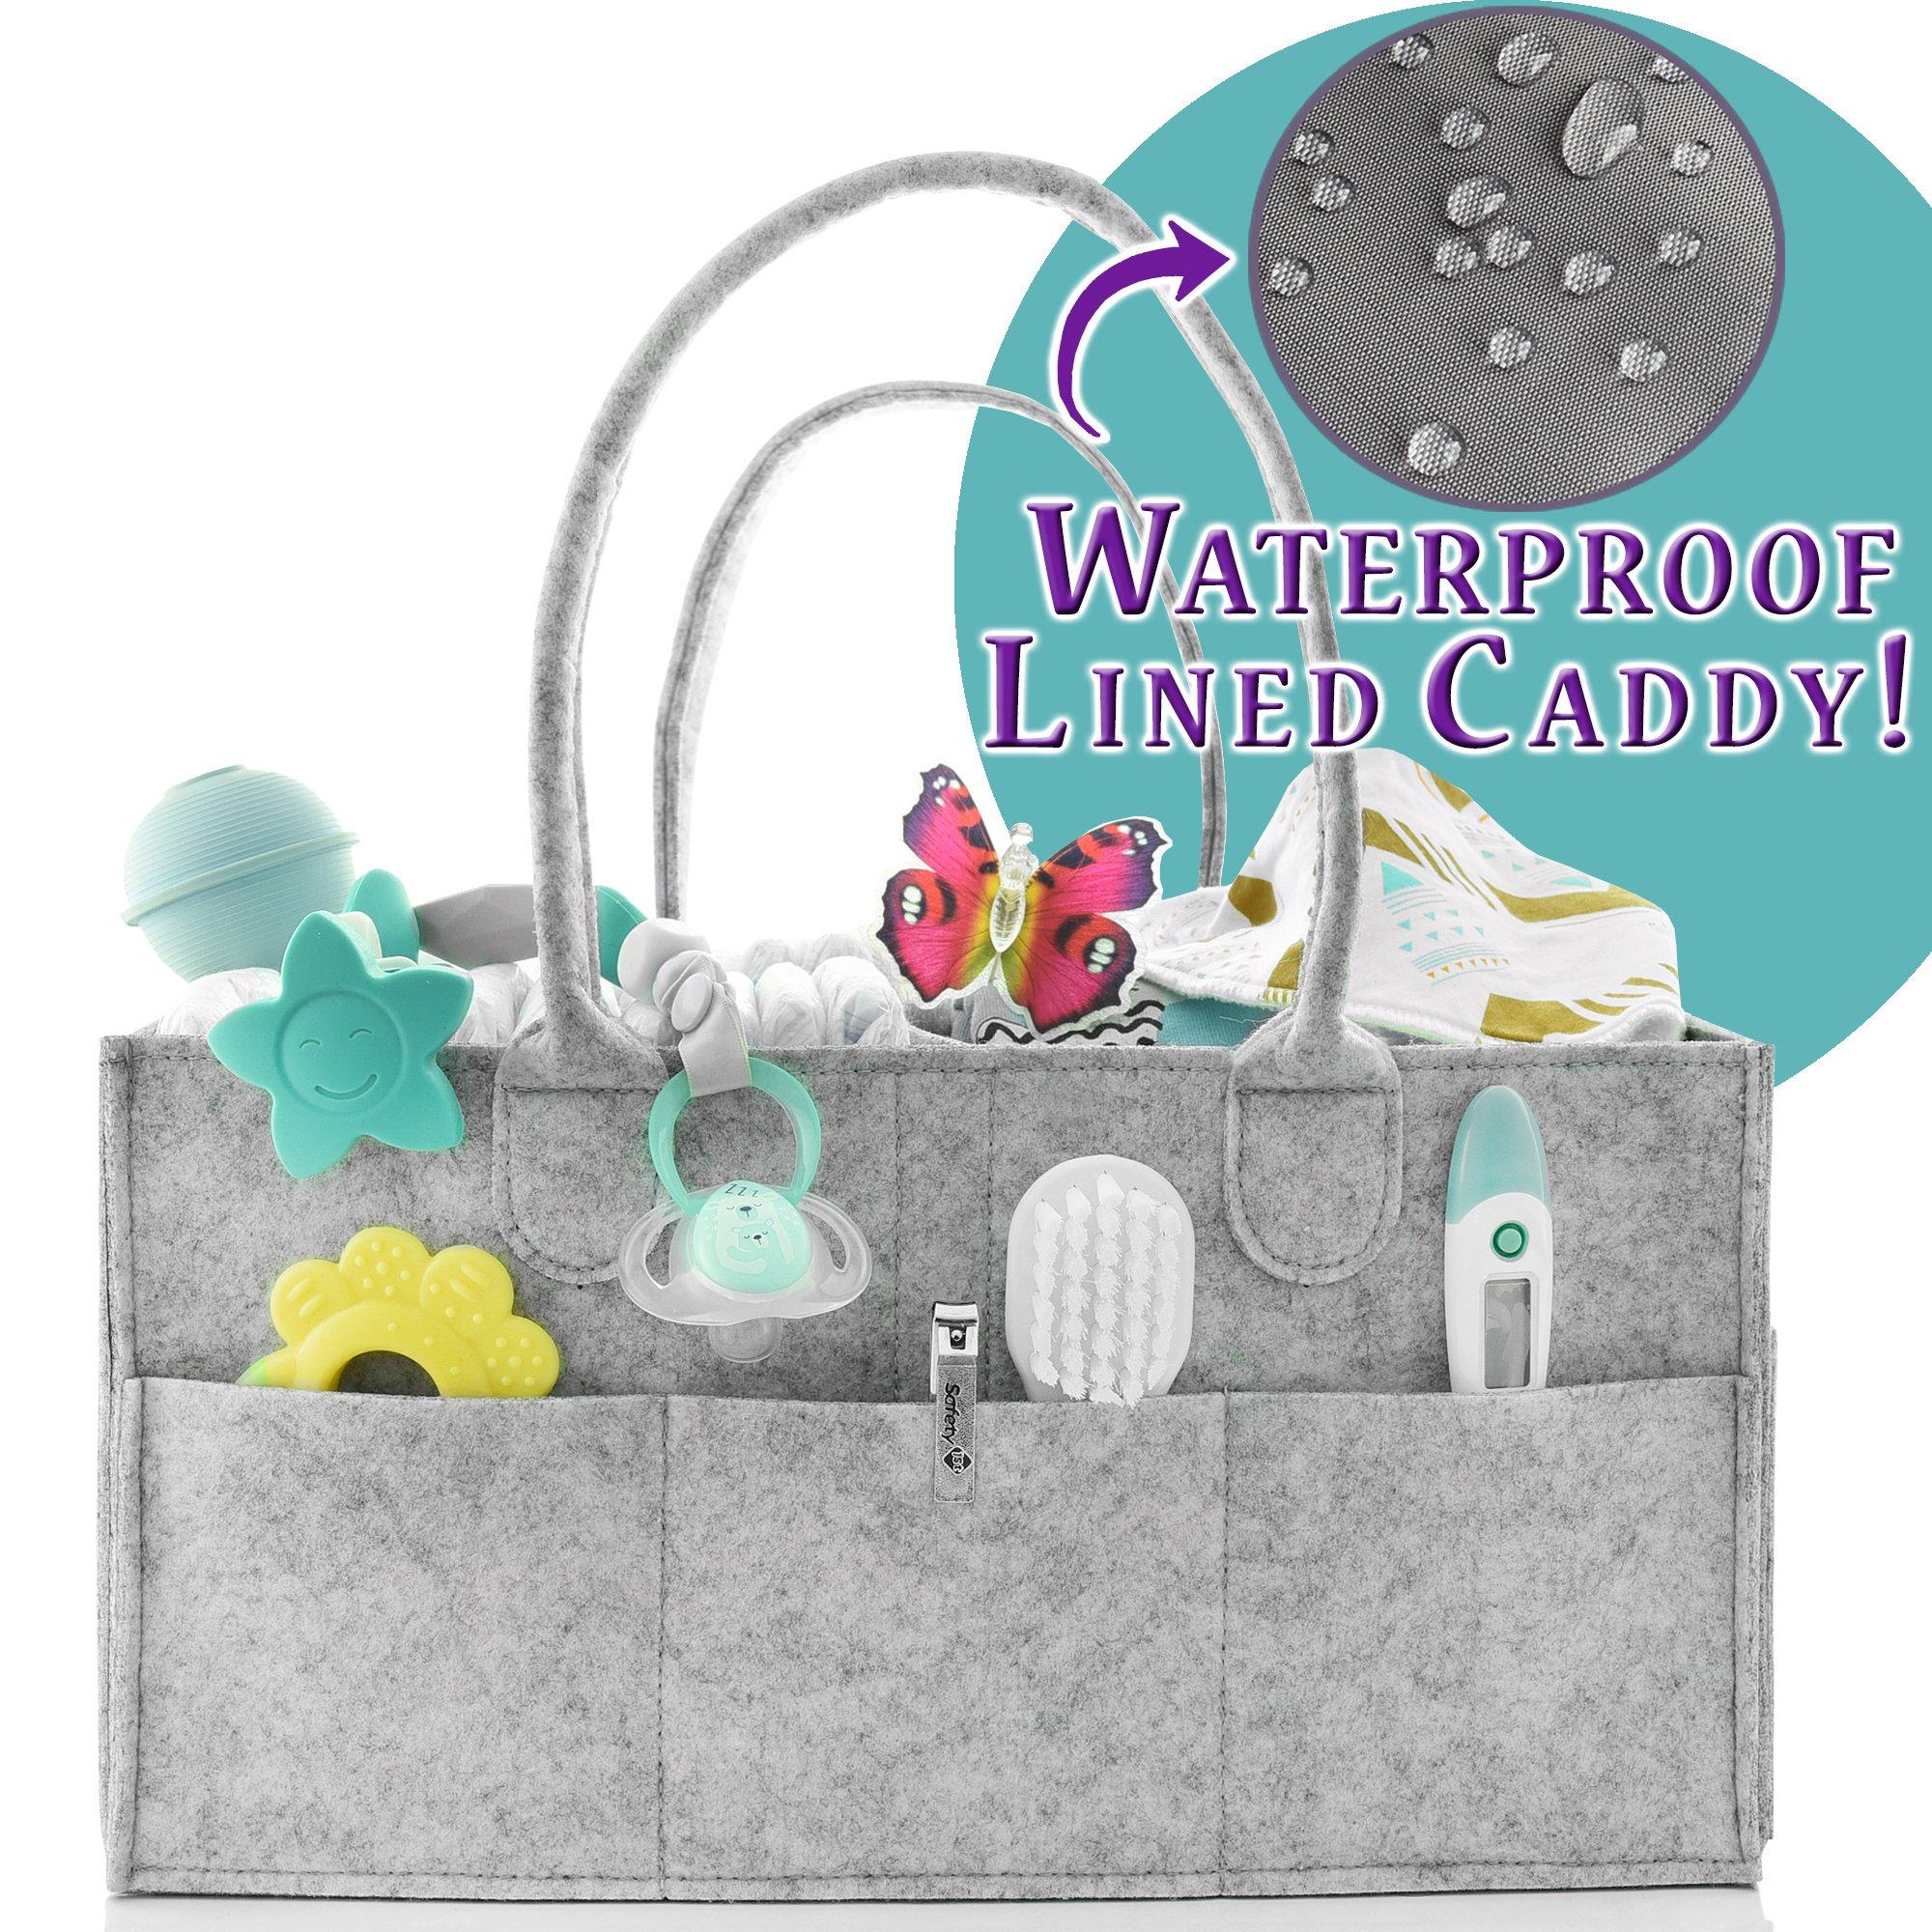 Baby Portable Diaper Caddy Organizer   Organization Bin   Holiday Gift Idea   Diaper Changing Table Organizer   Nursery Storage Caddy   Car Trunk Organizer   Cloth Storage Bin   H2O-PROOF LINER   SALE